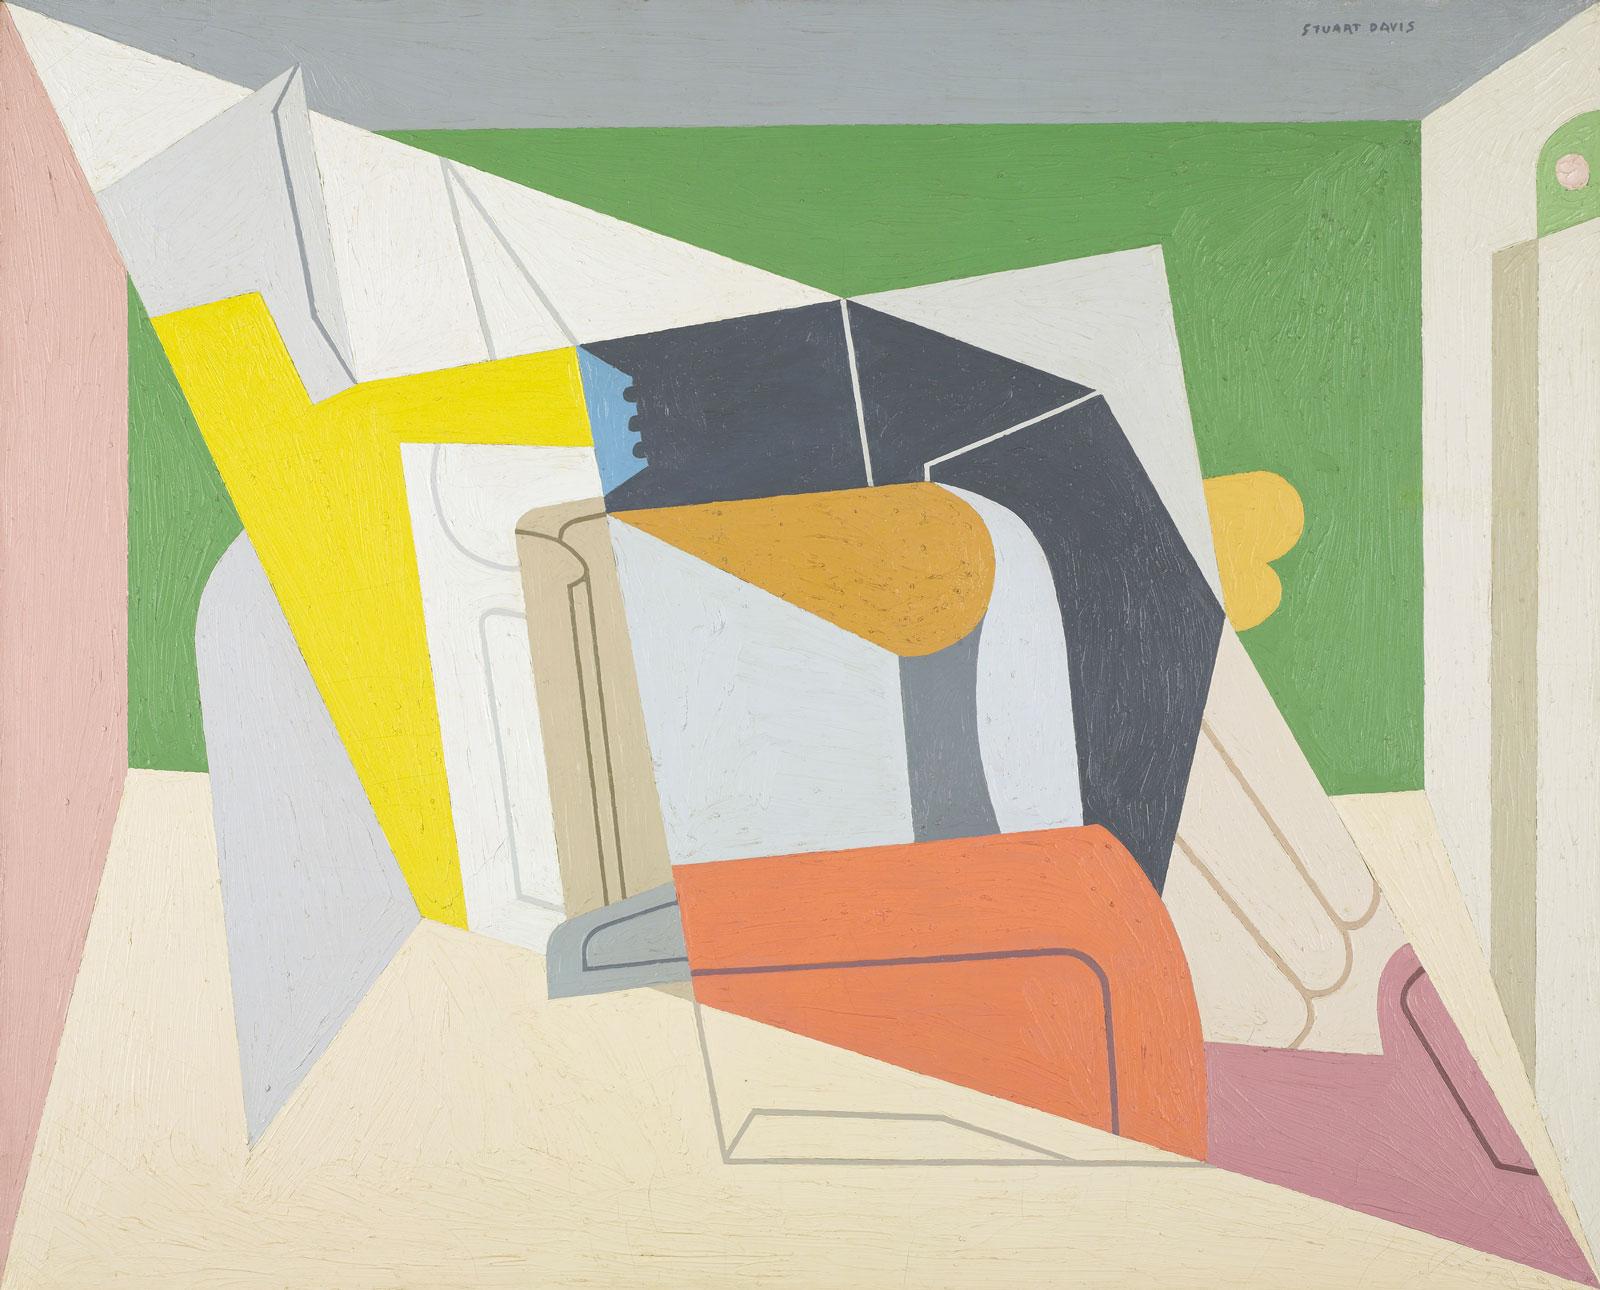 Stuart Davis: Egg Beater No. 2, 1928